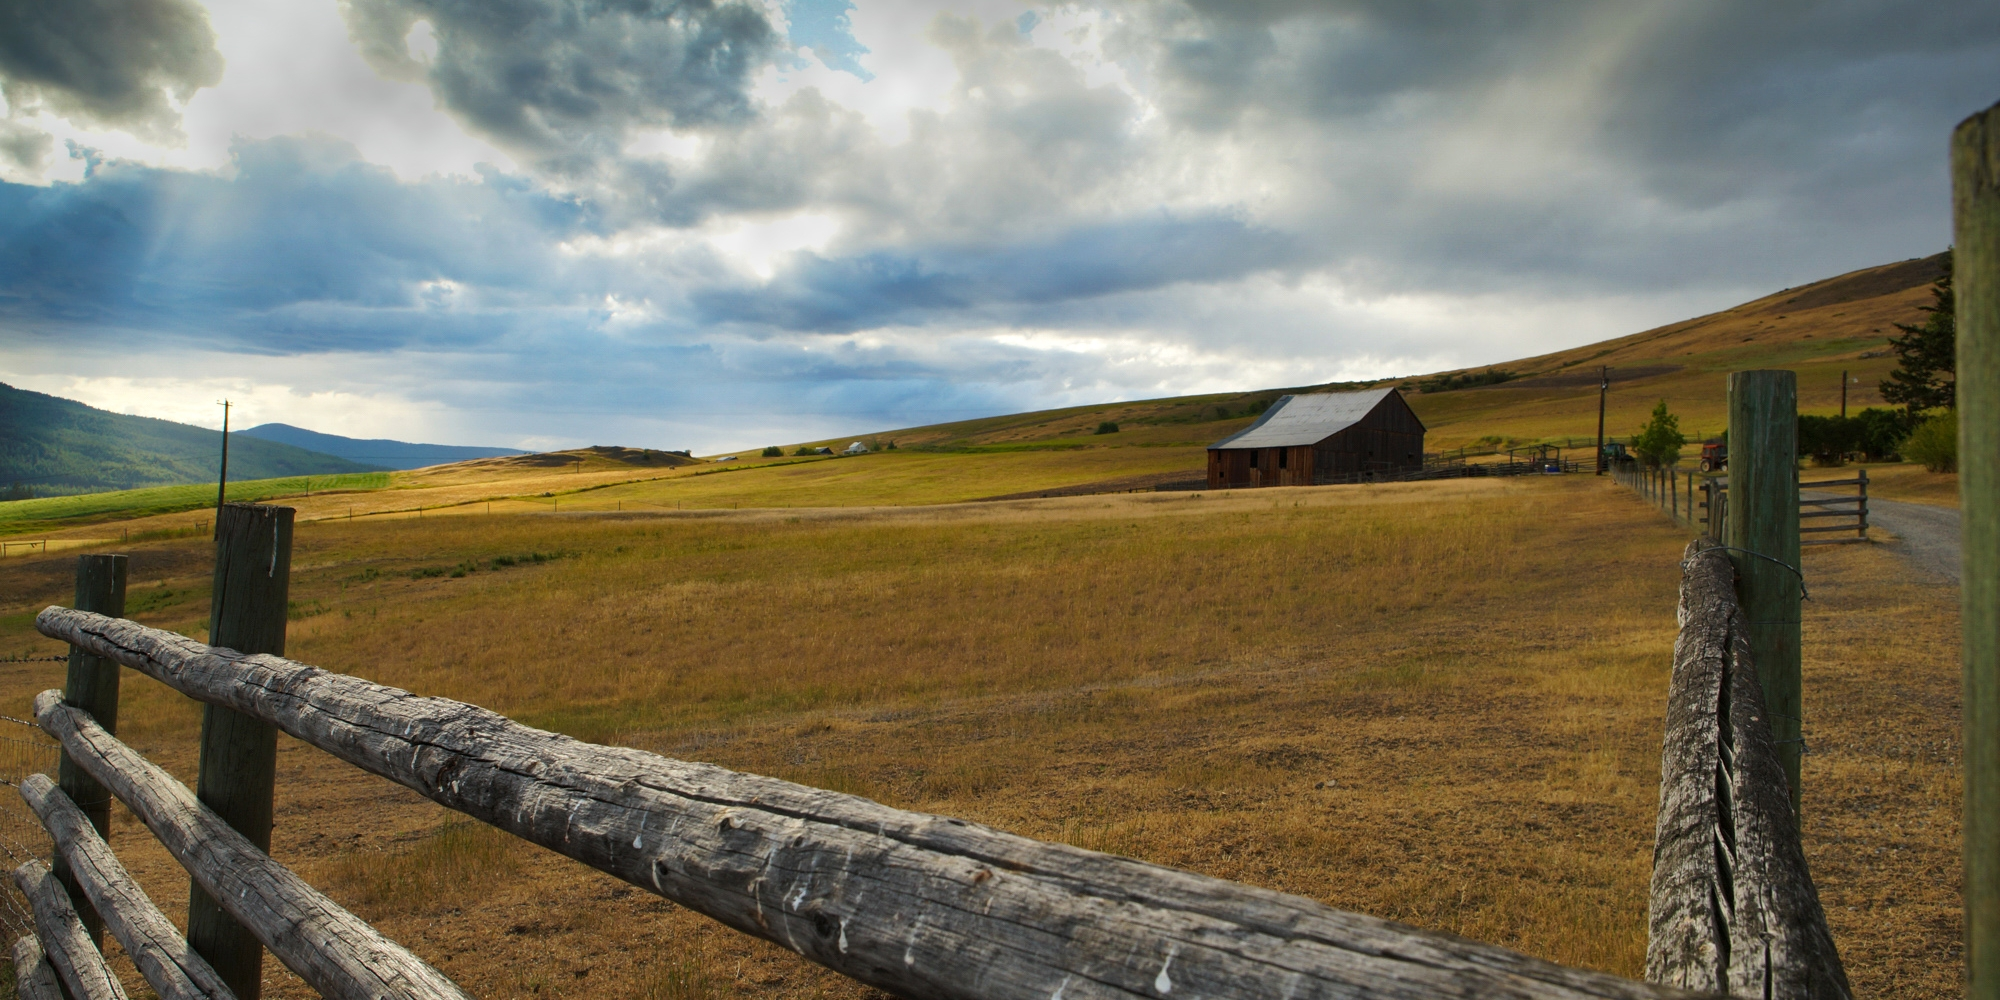 Farm near Rock Creek